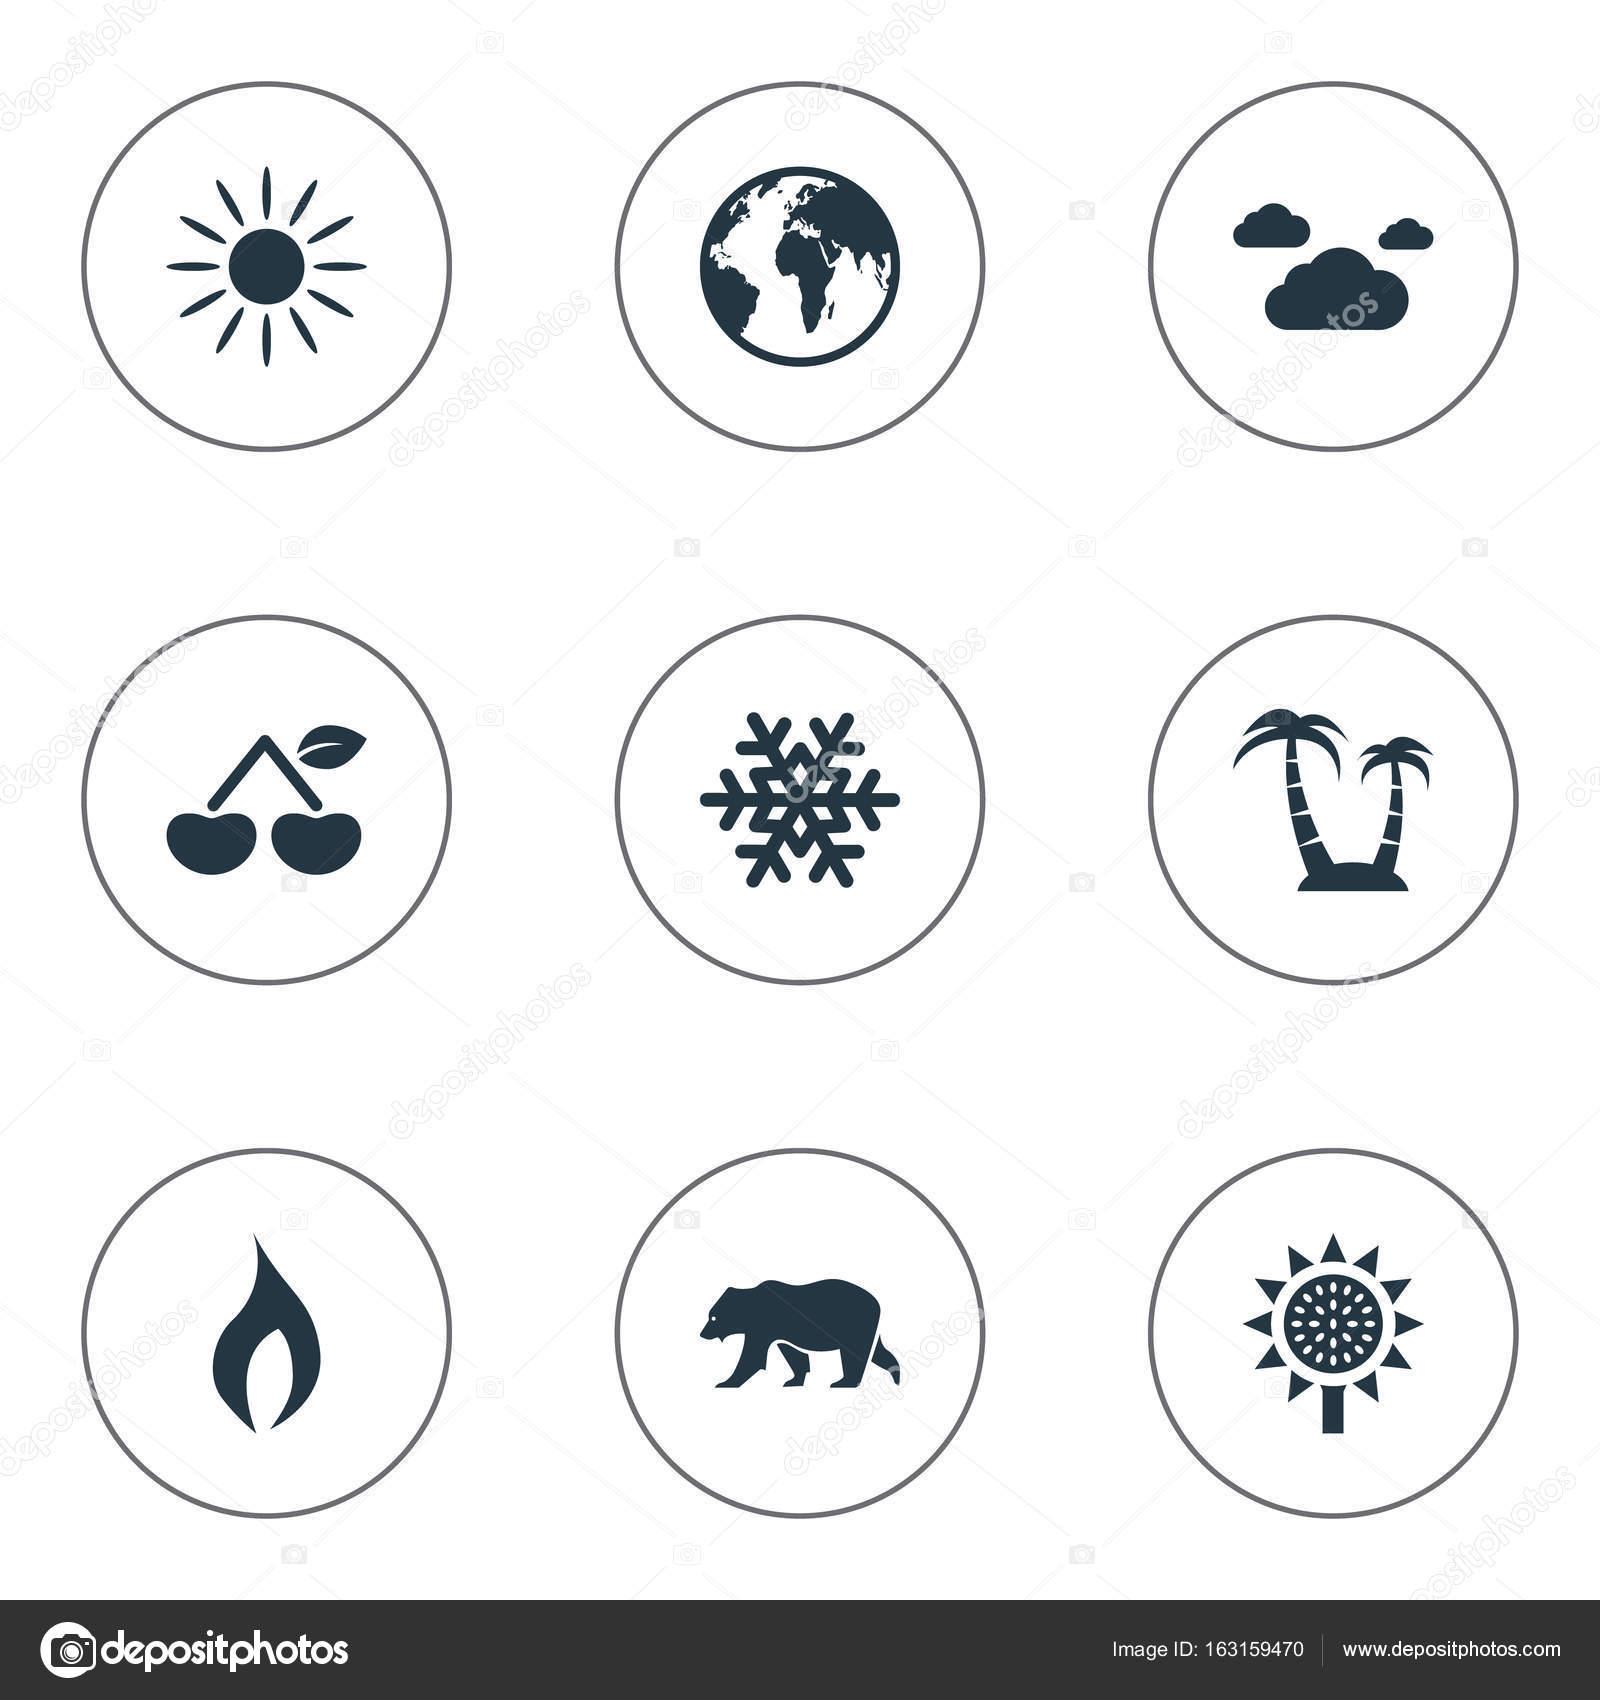 簡単エコ アイコンのベクター イラスト セット要素のベリーシロクマ